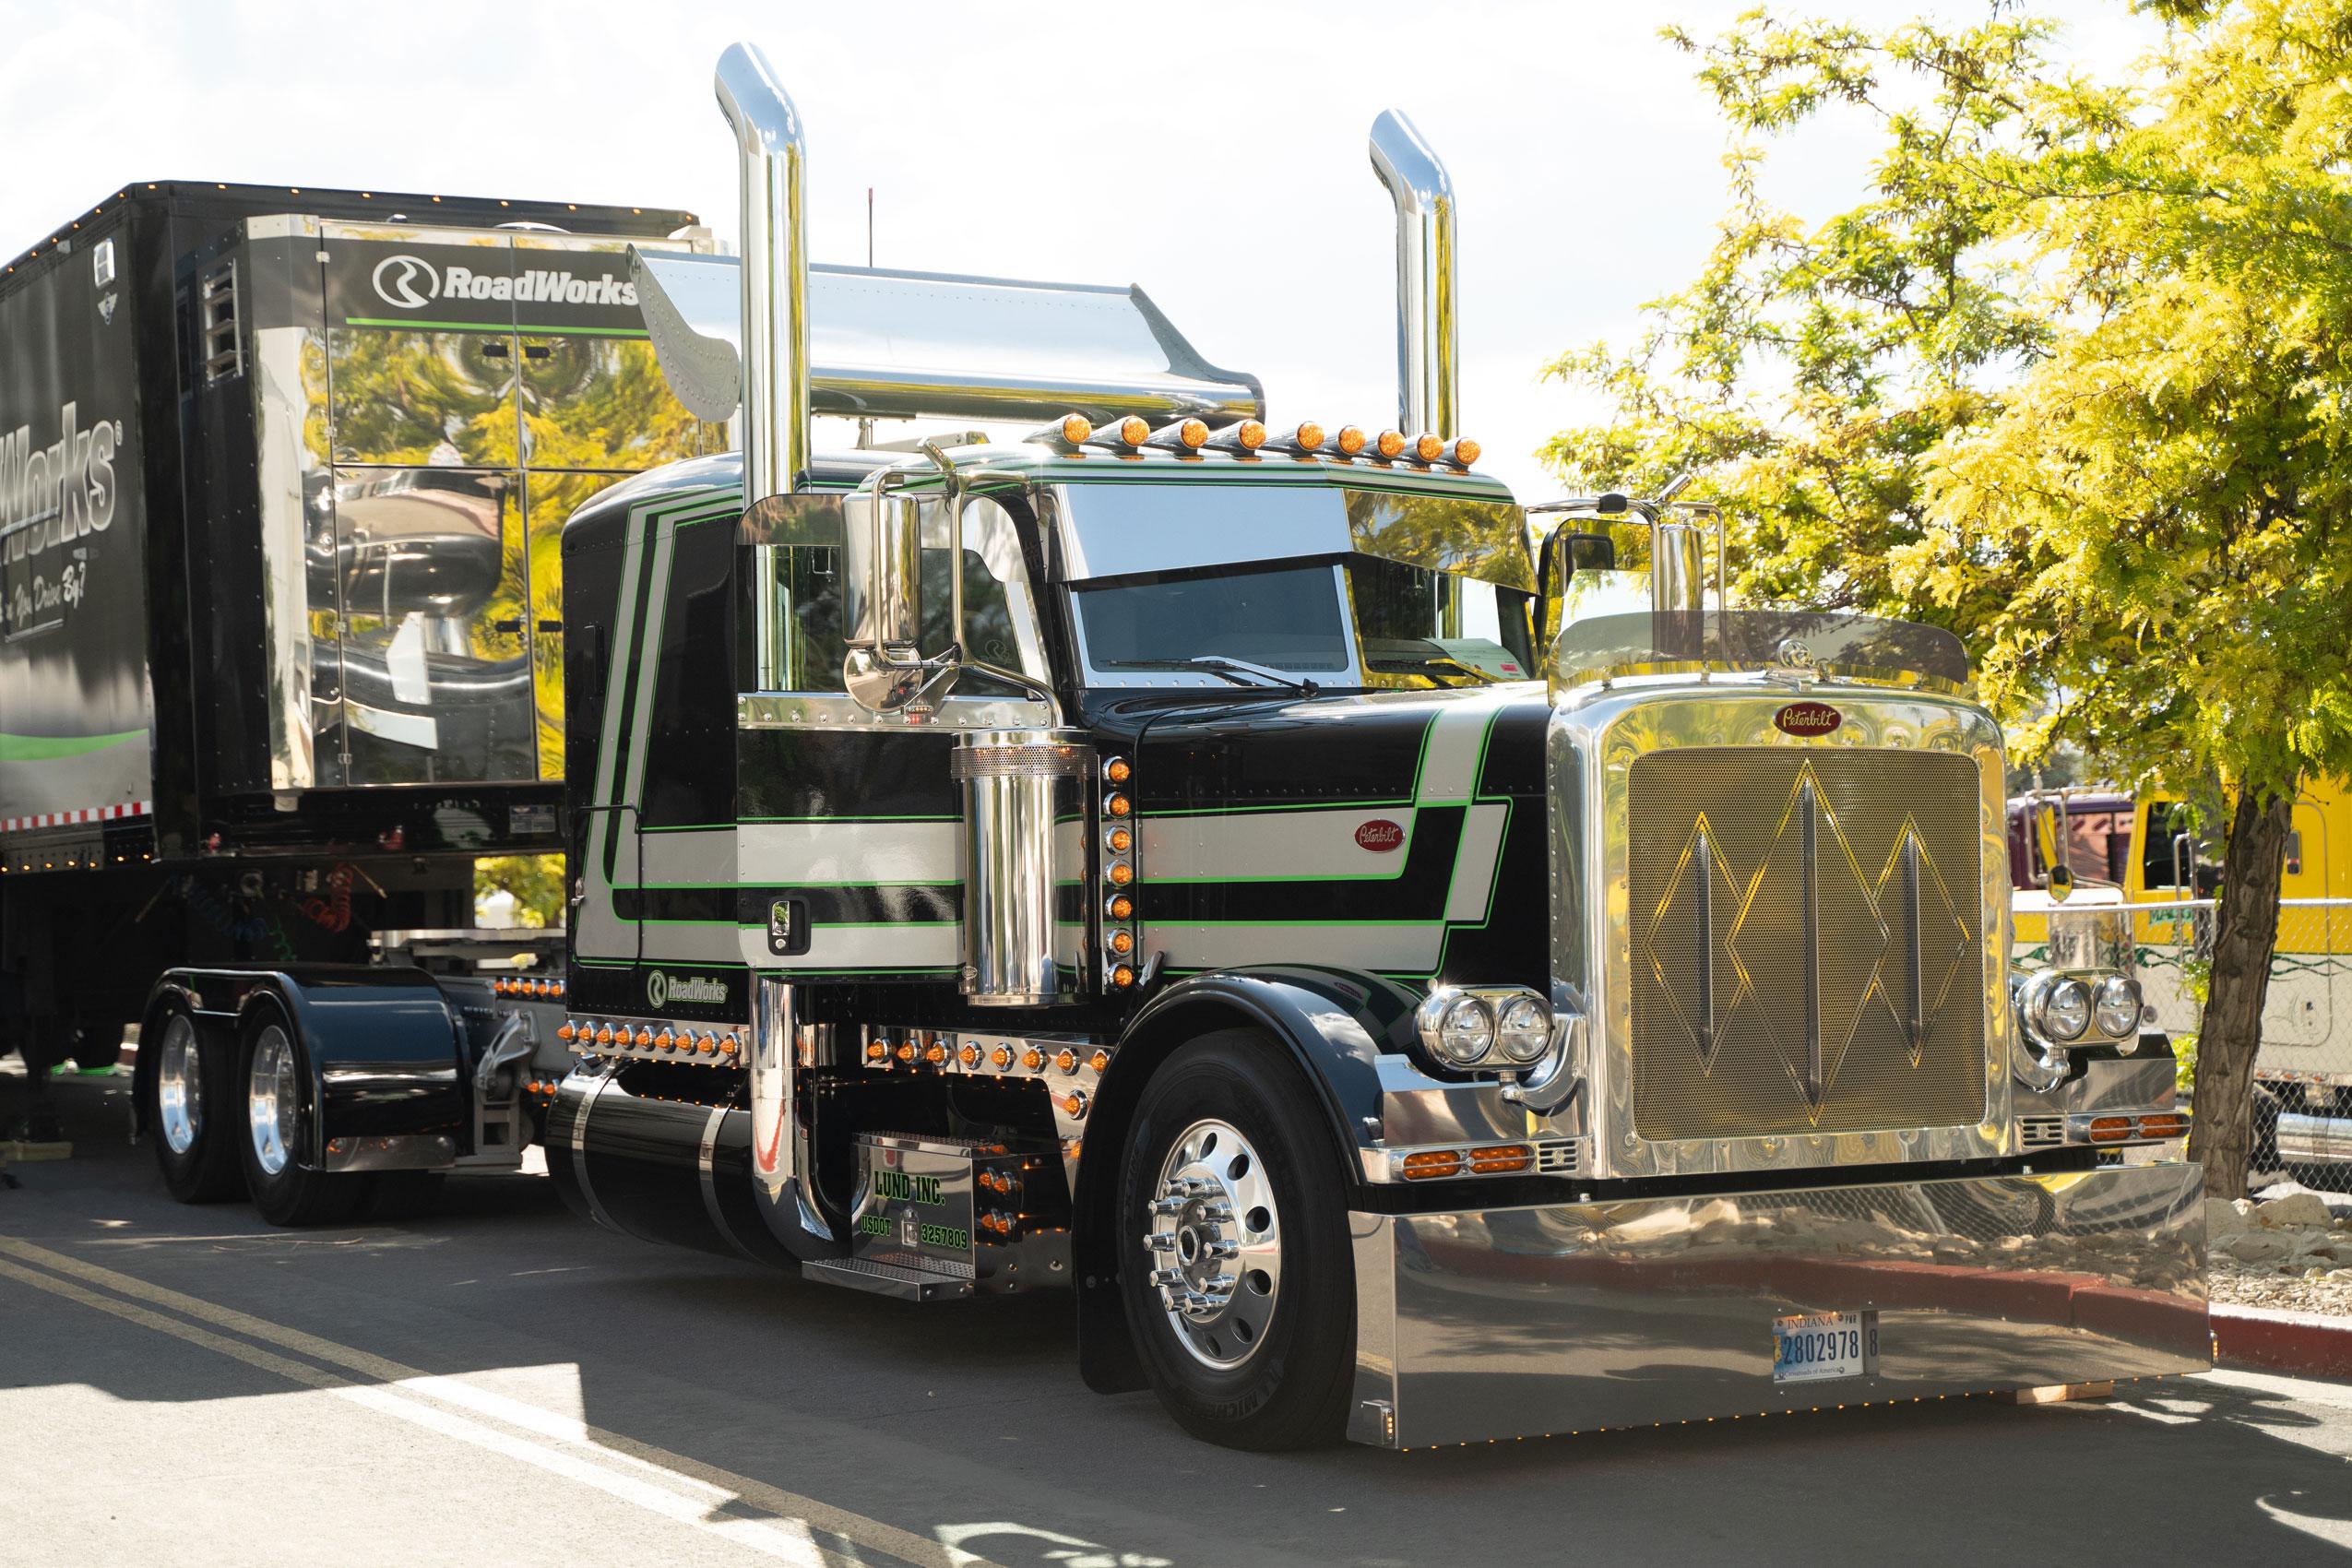 Lucky 13 - RoadWorks 2019 Show Truck